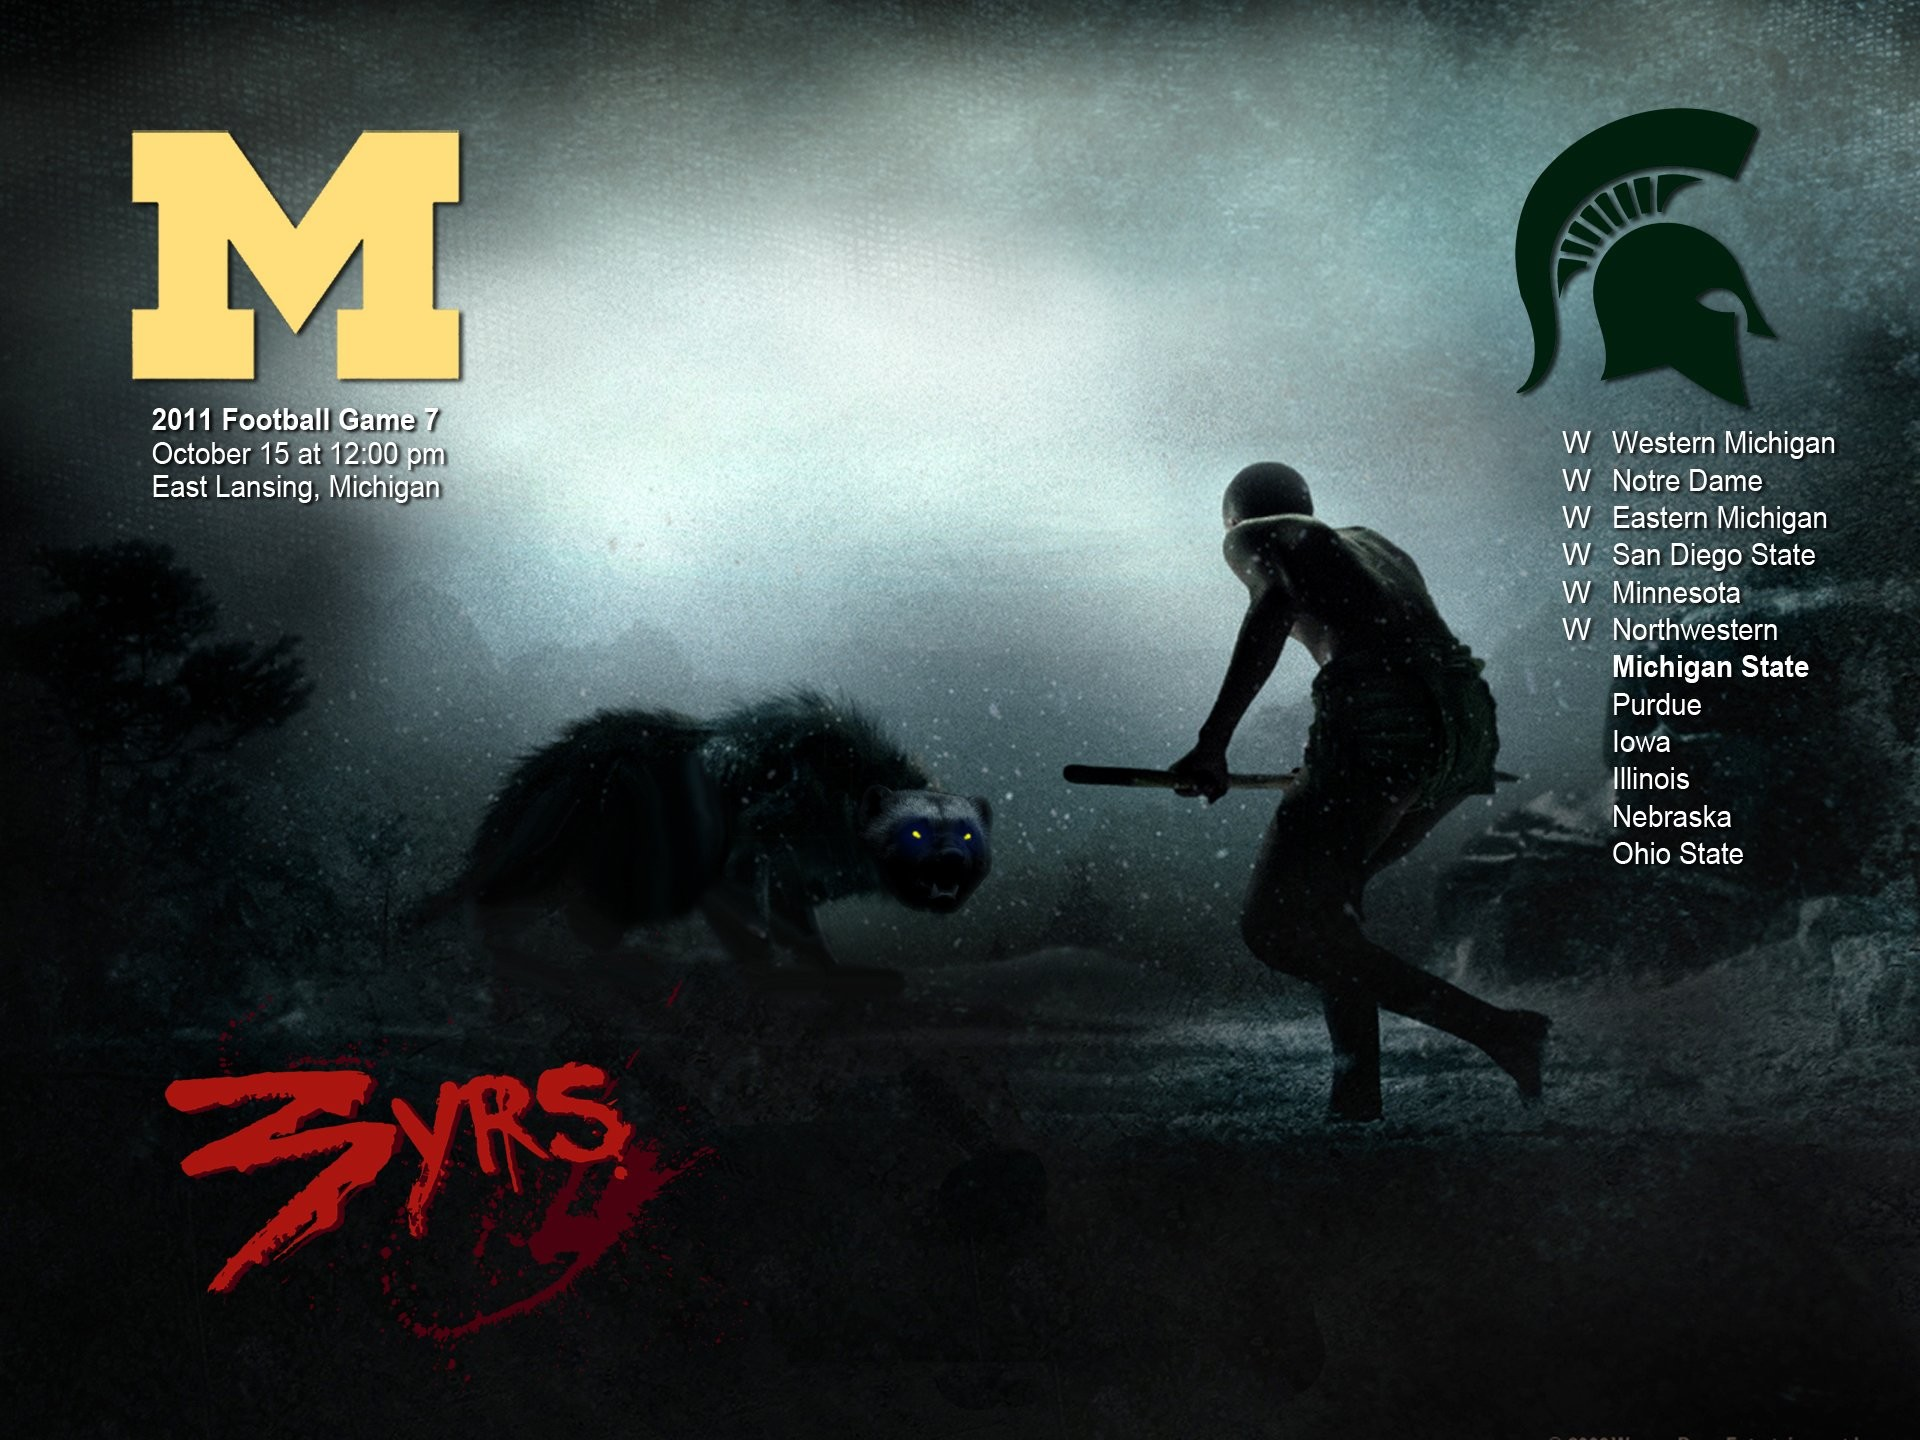 50 University Of Michigan Screensaver Wallpaper On: Michigan Wolverines Screensaver And Wallpaper (72+ Images